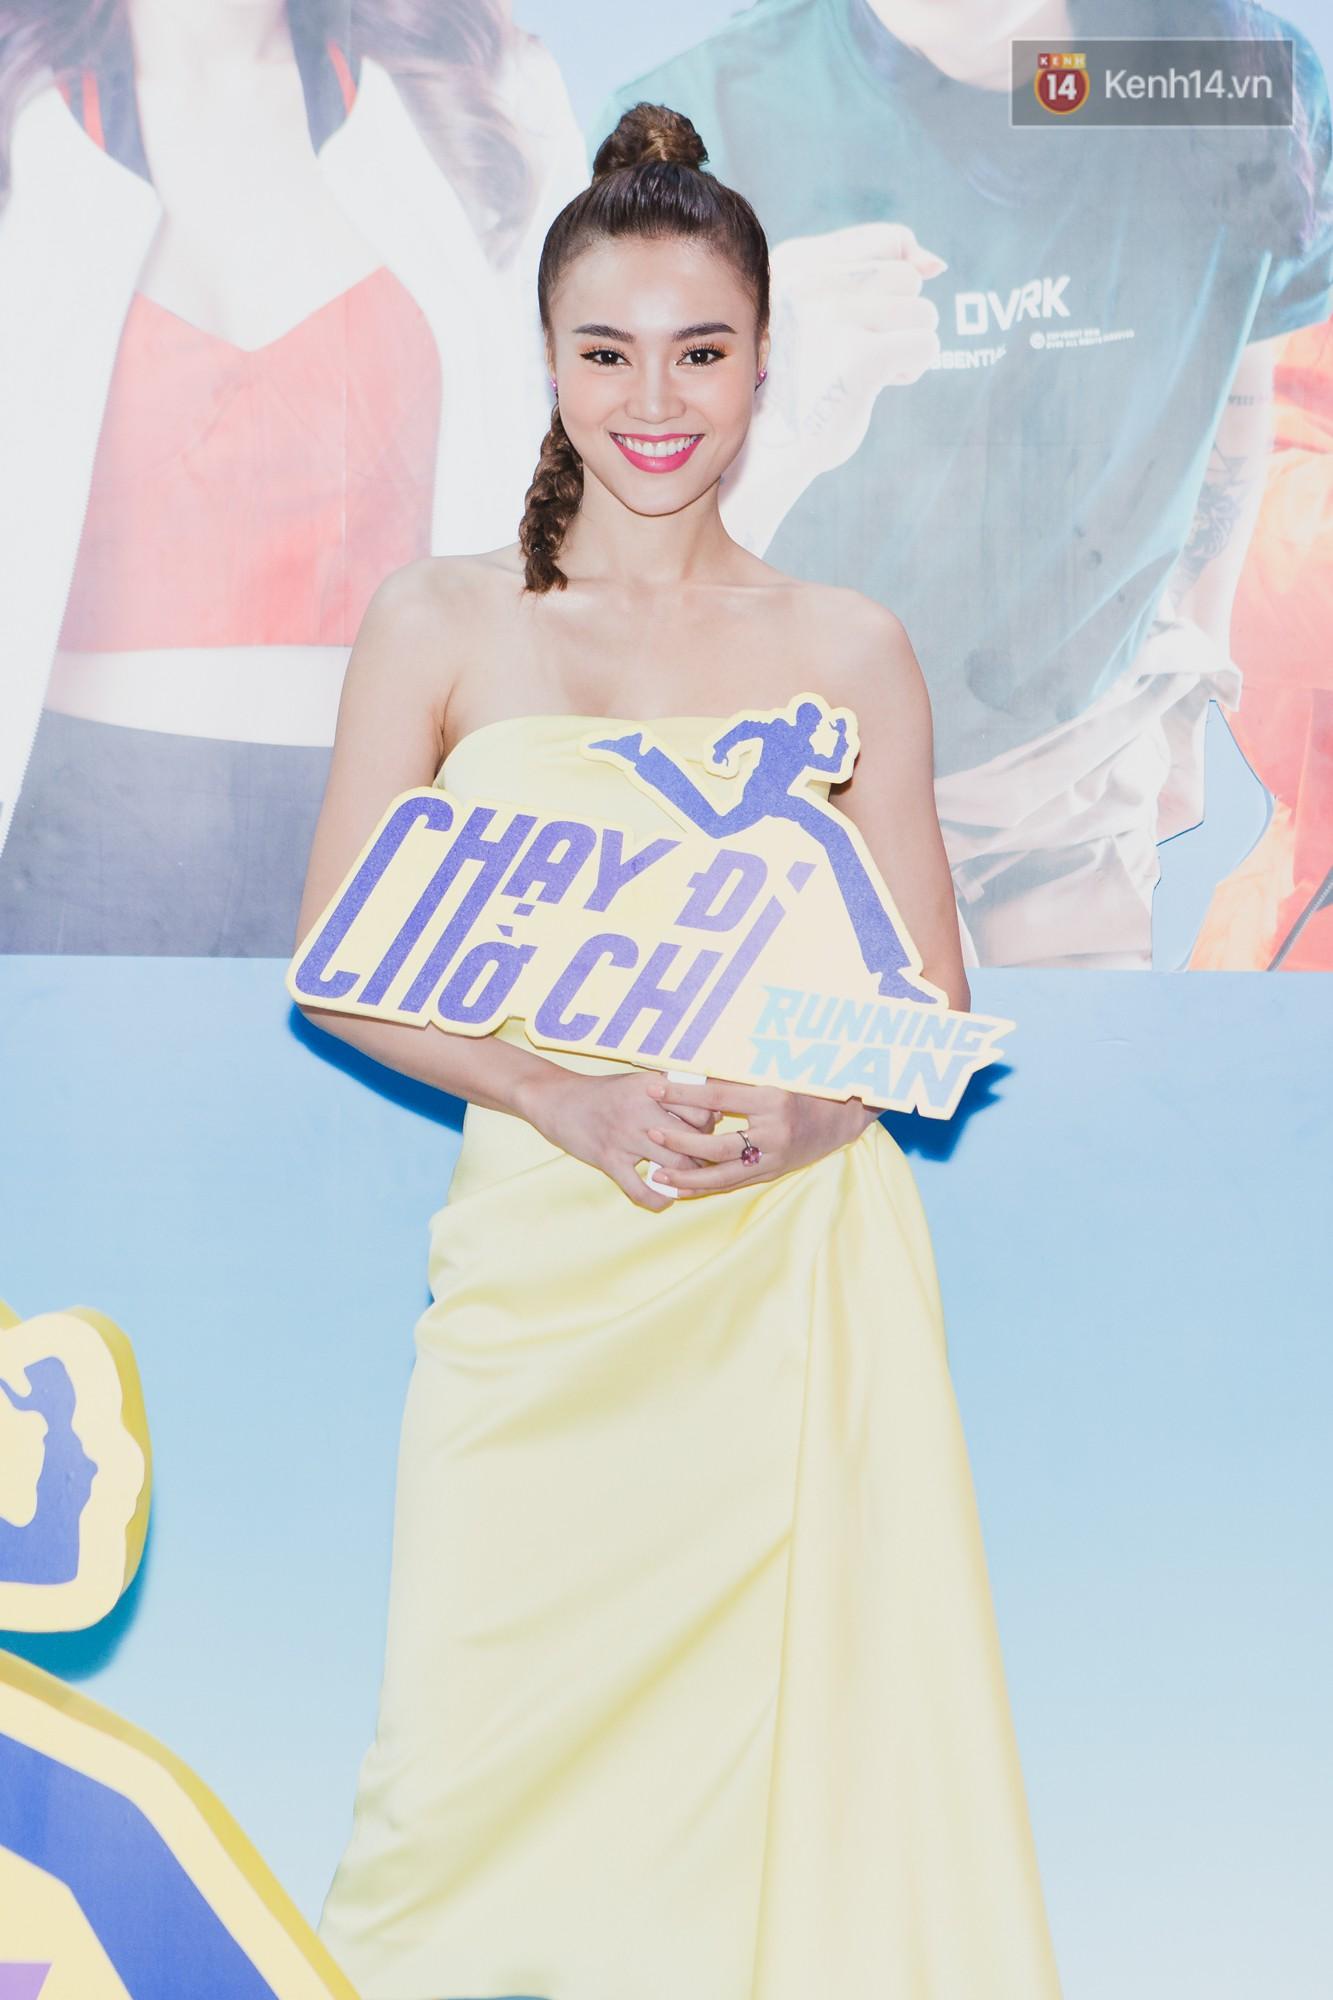 Ninh Dương Lan Ngọc xuất hiện với đôi tay nhiều vết bầm tím, bị Trấn Thành bóc phốt không thương tiếc tại họp báo Running Man Vietnam - Ảnh 3.